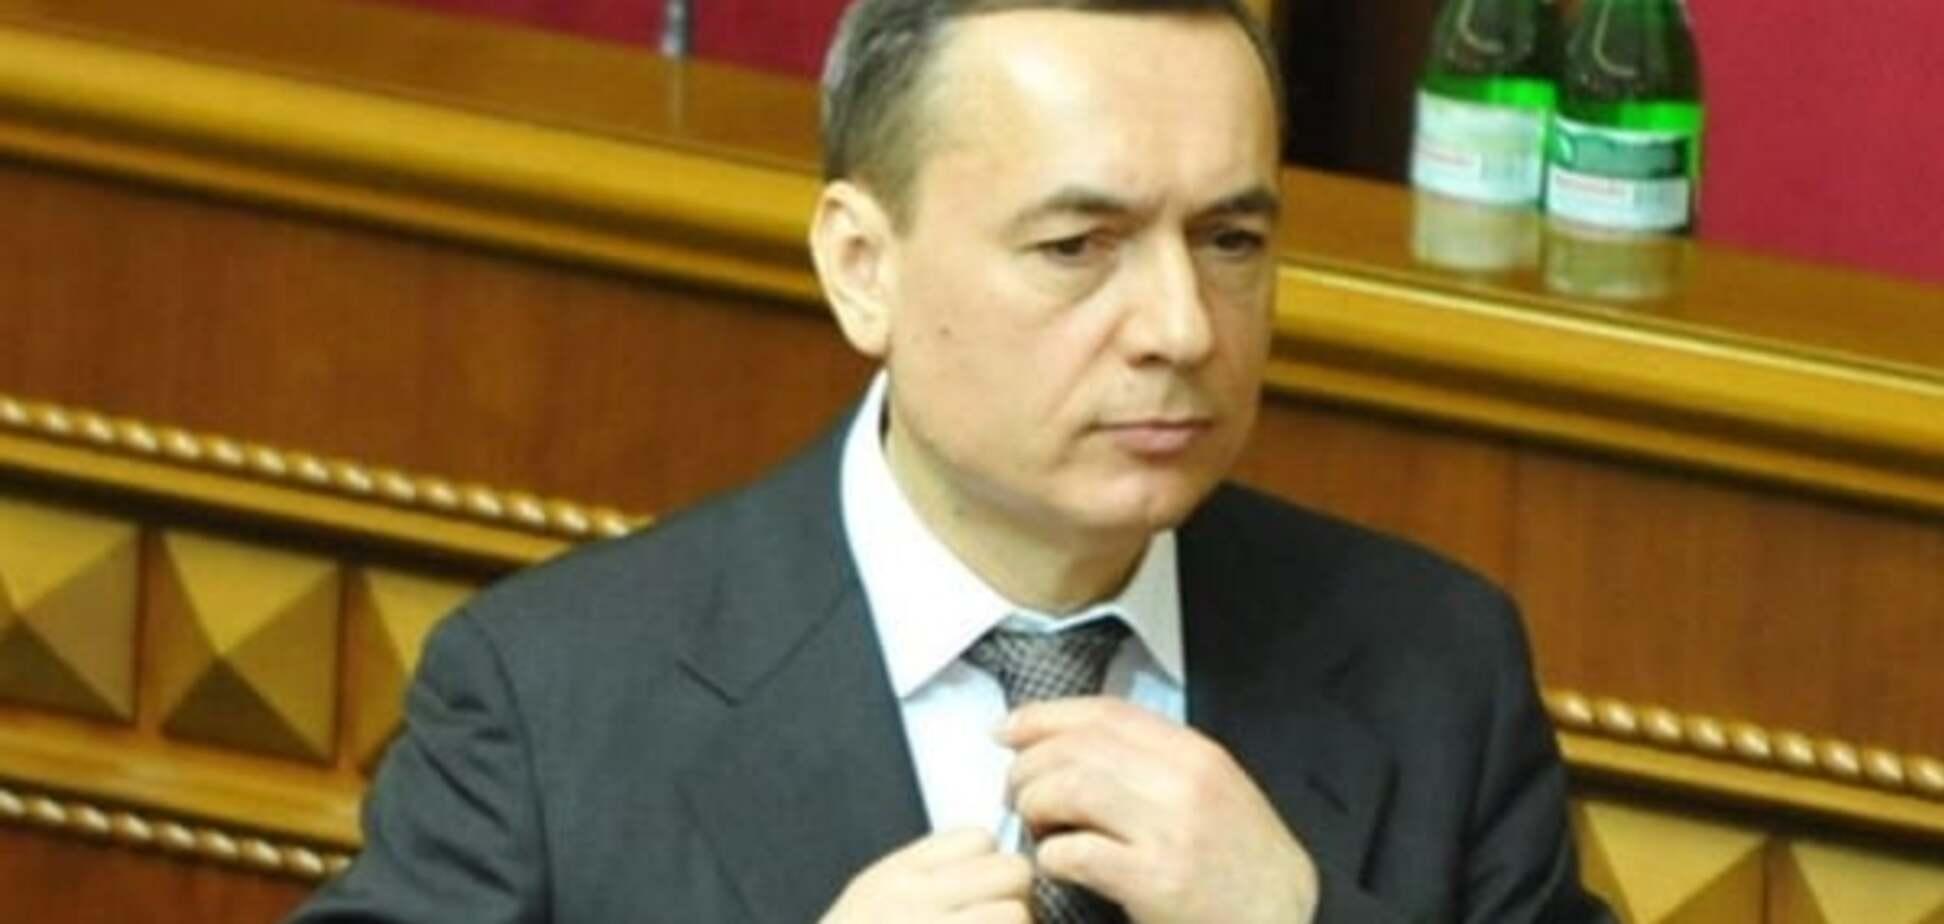 Дело соратника Яценюка взято под особый приоритет — НАБУ